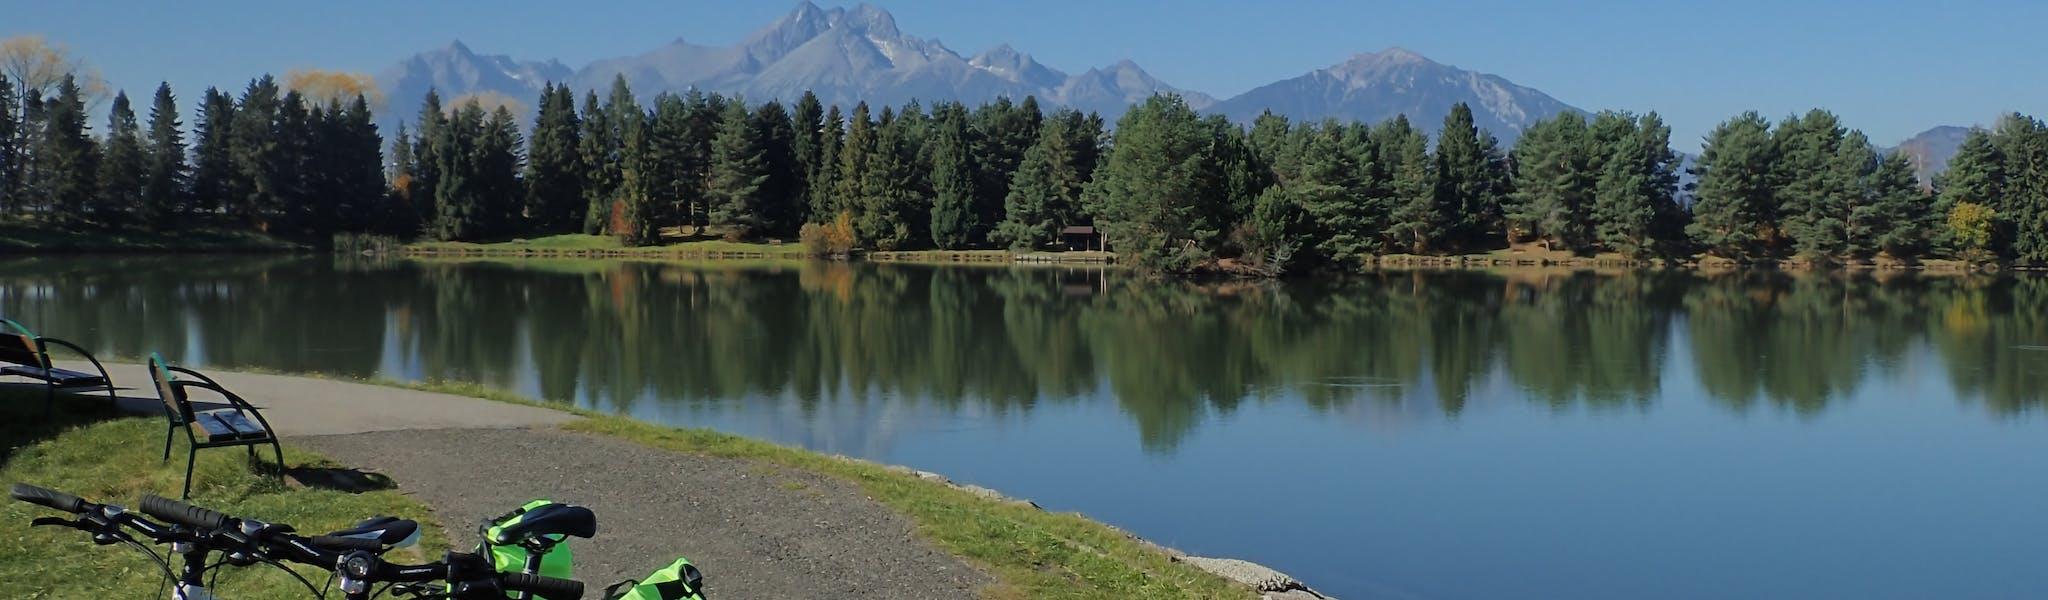 Polen Tatra gebergte met fiets